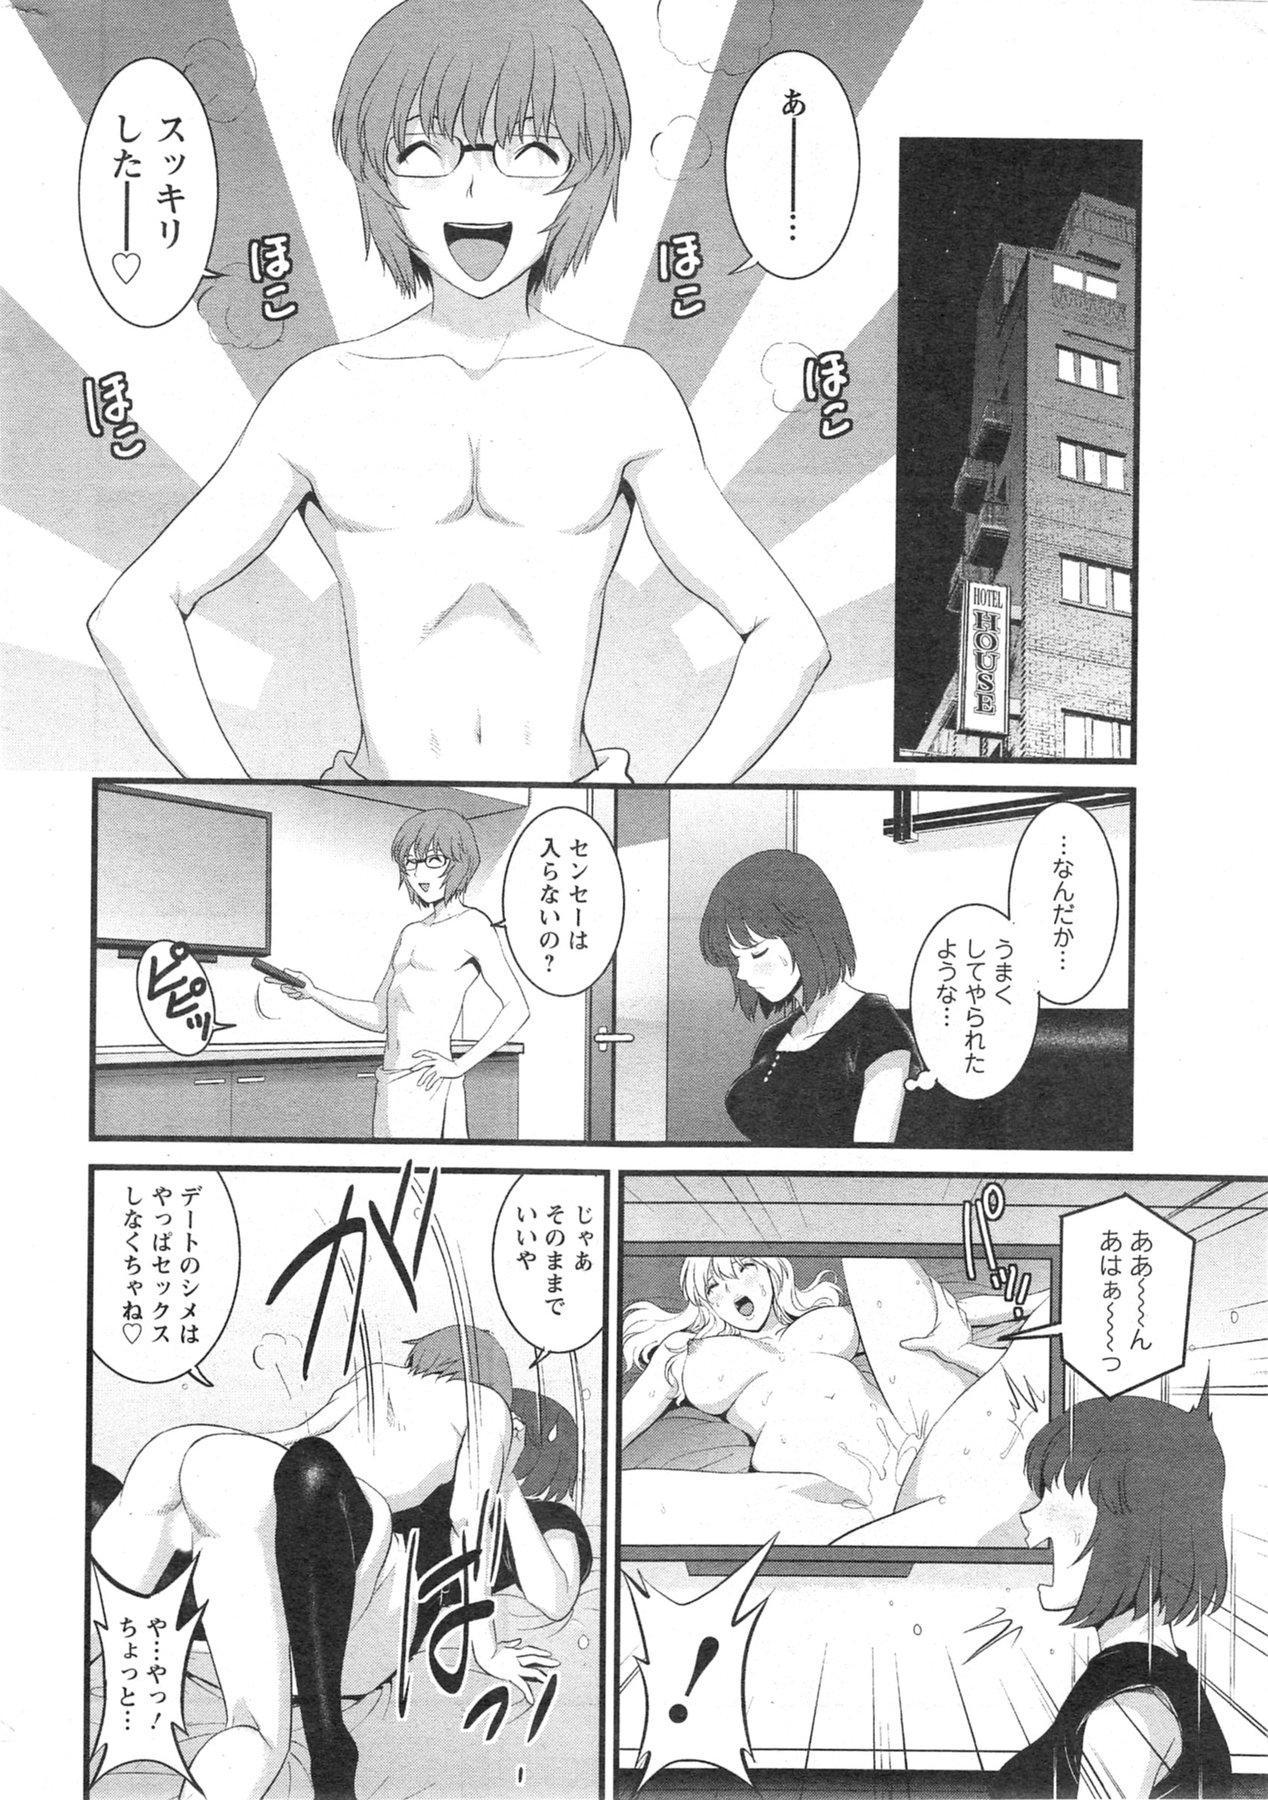 [Saigado] Hitozuma Jokyoushi Main-san Ch.01-10 53